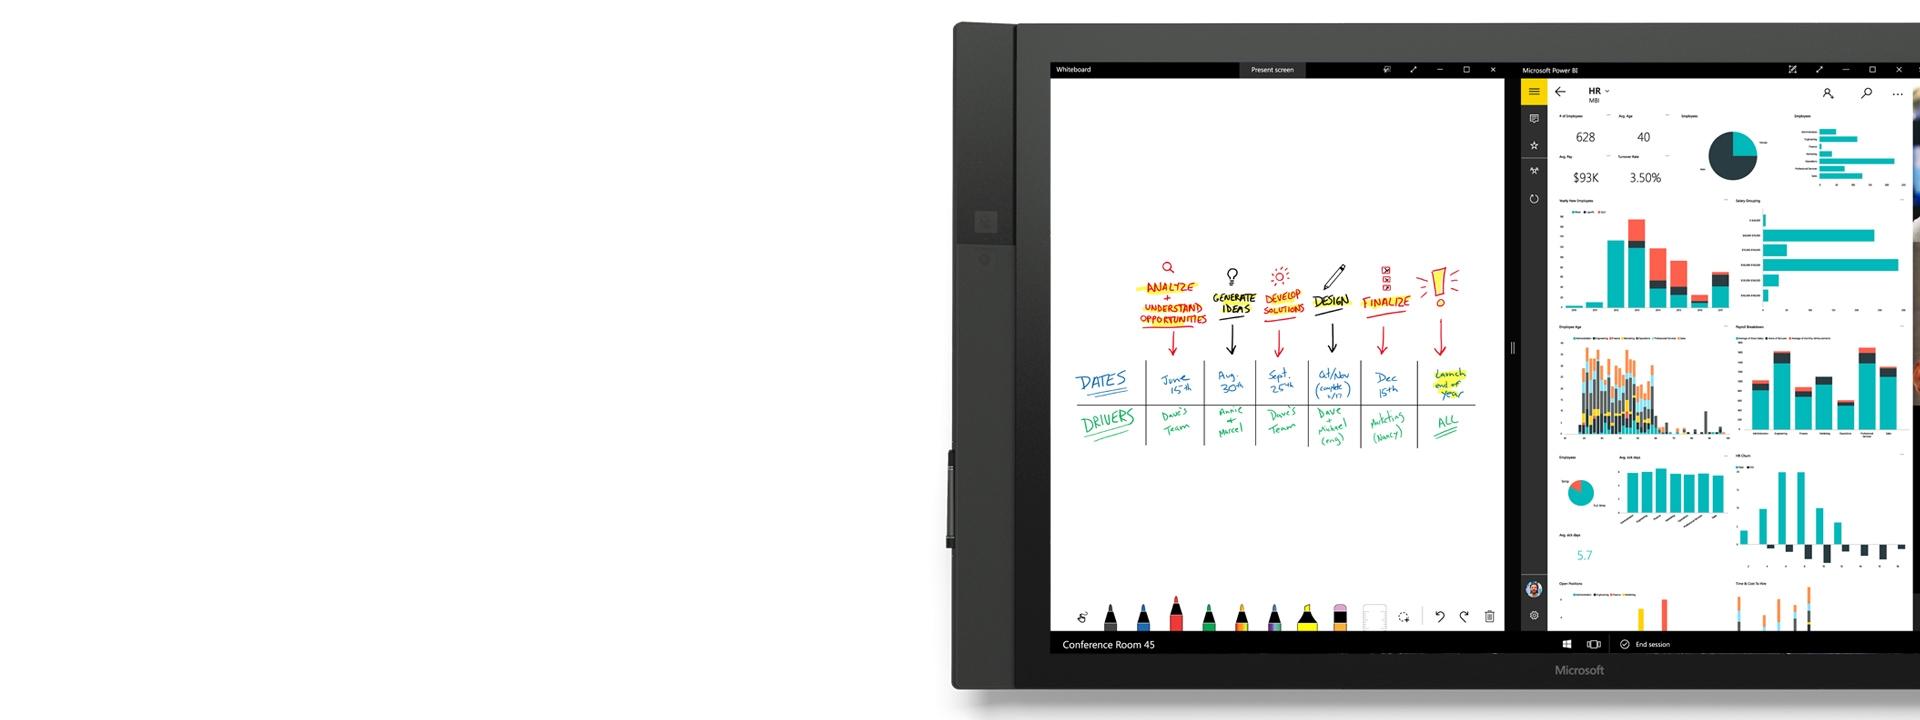 Surface Hub で表示された PowerBI 。